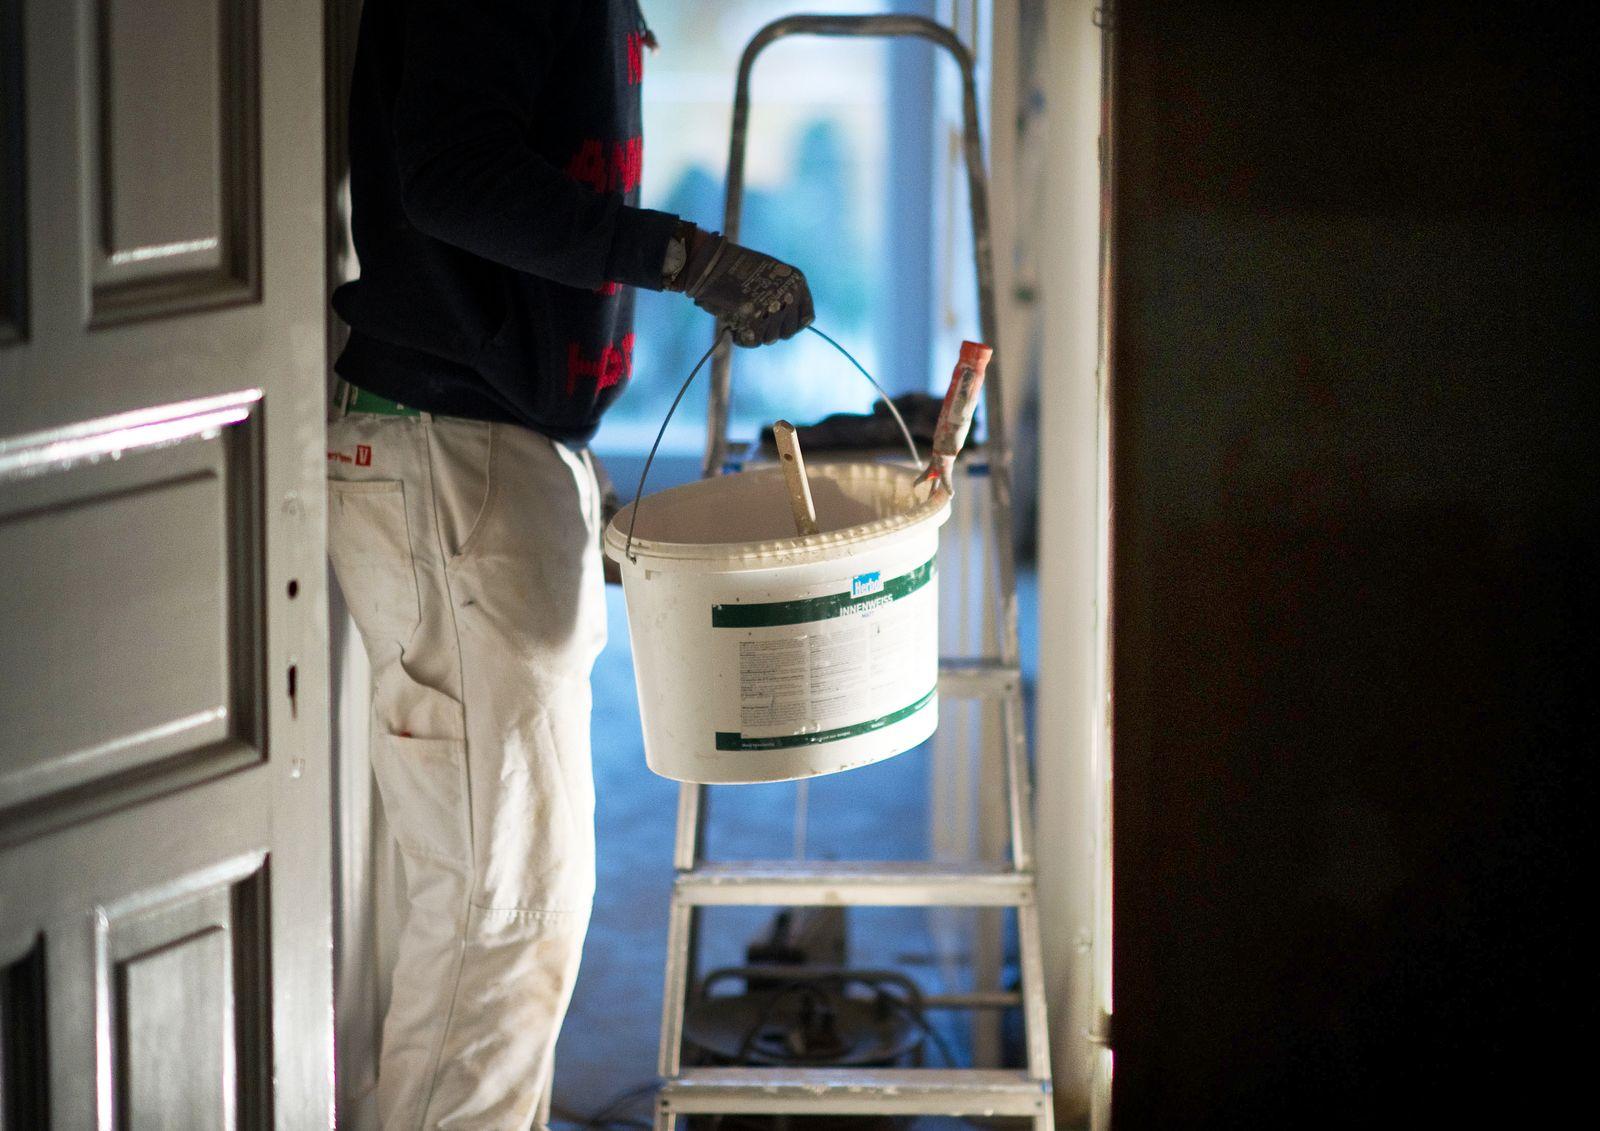 Handwerker / Wohnung / Renovierung / Maler